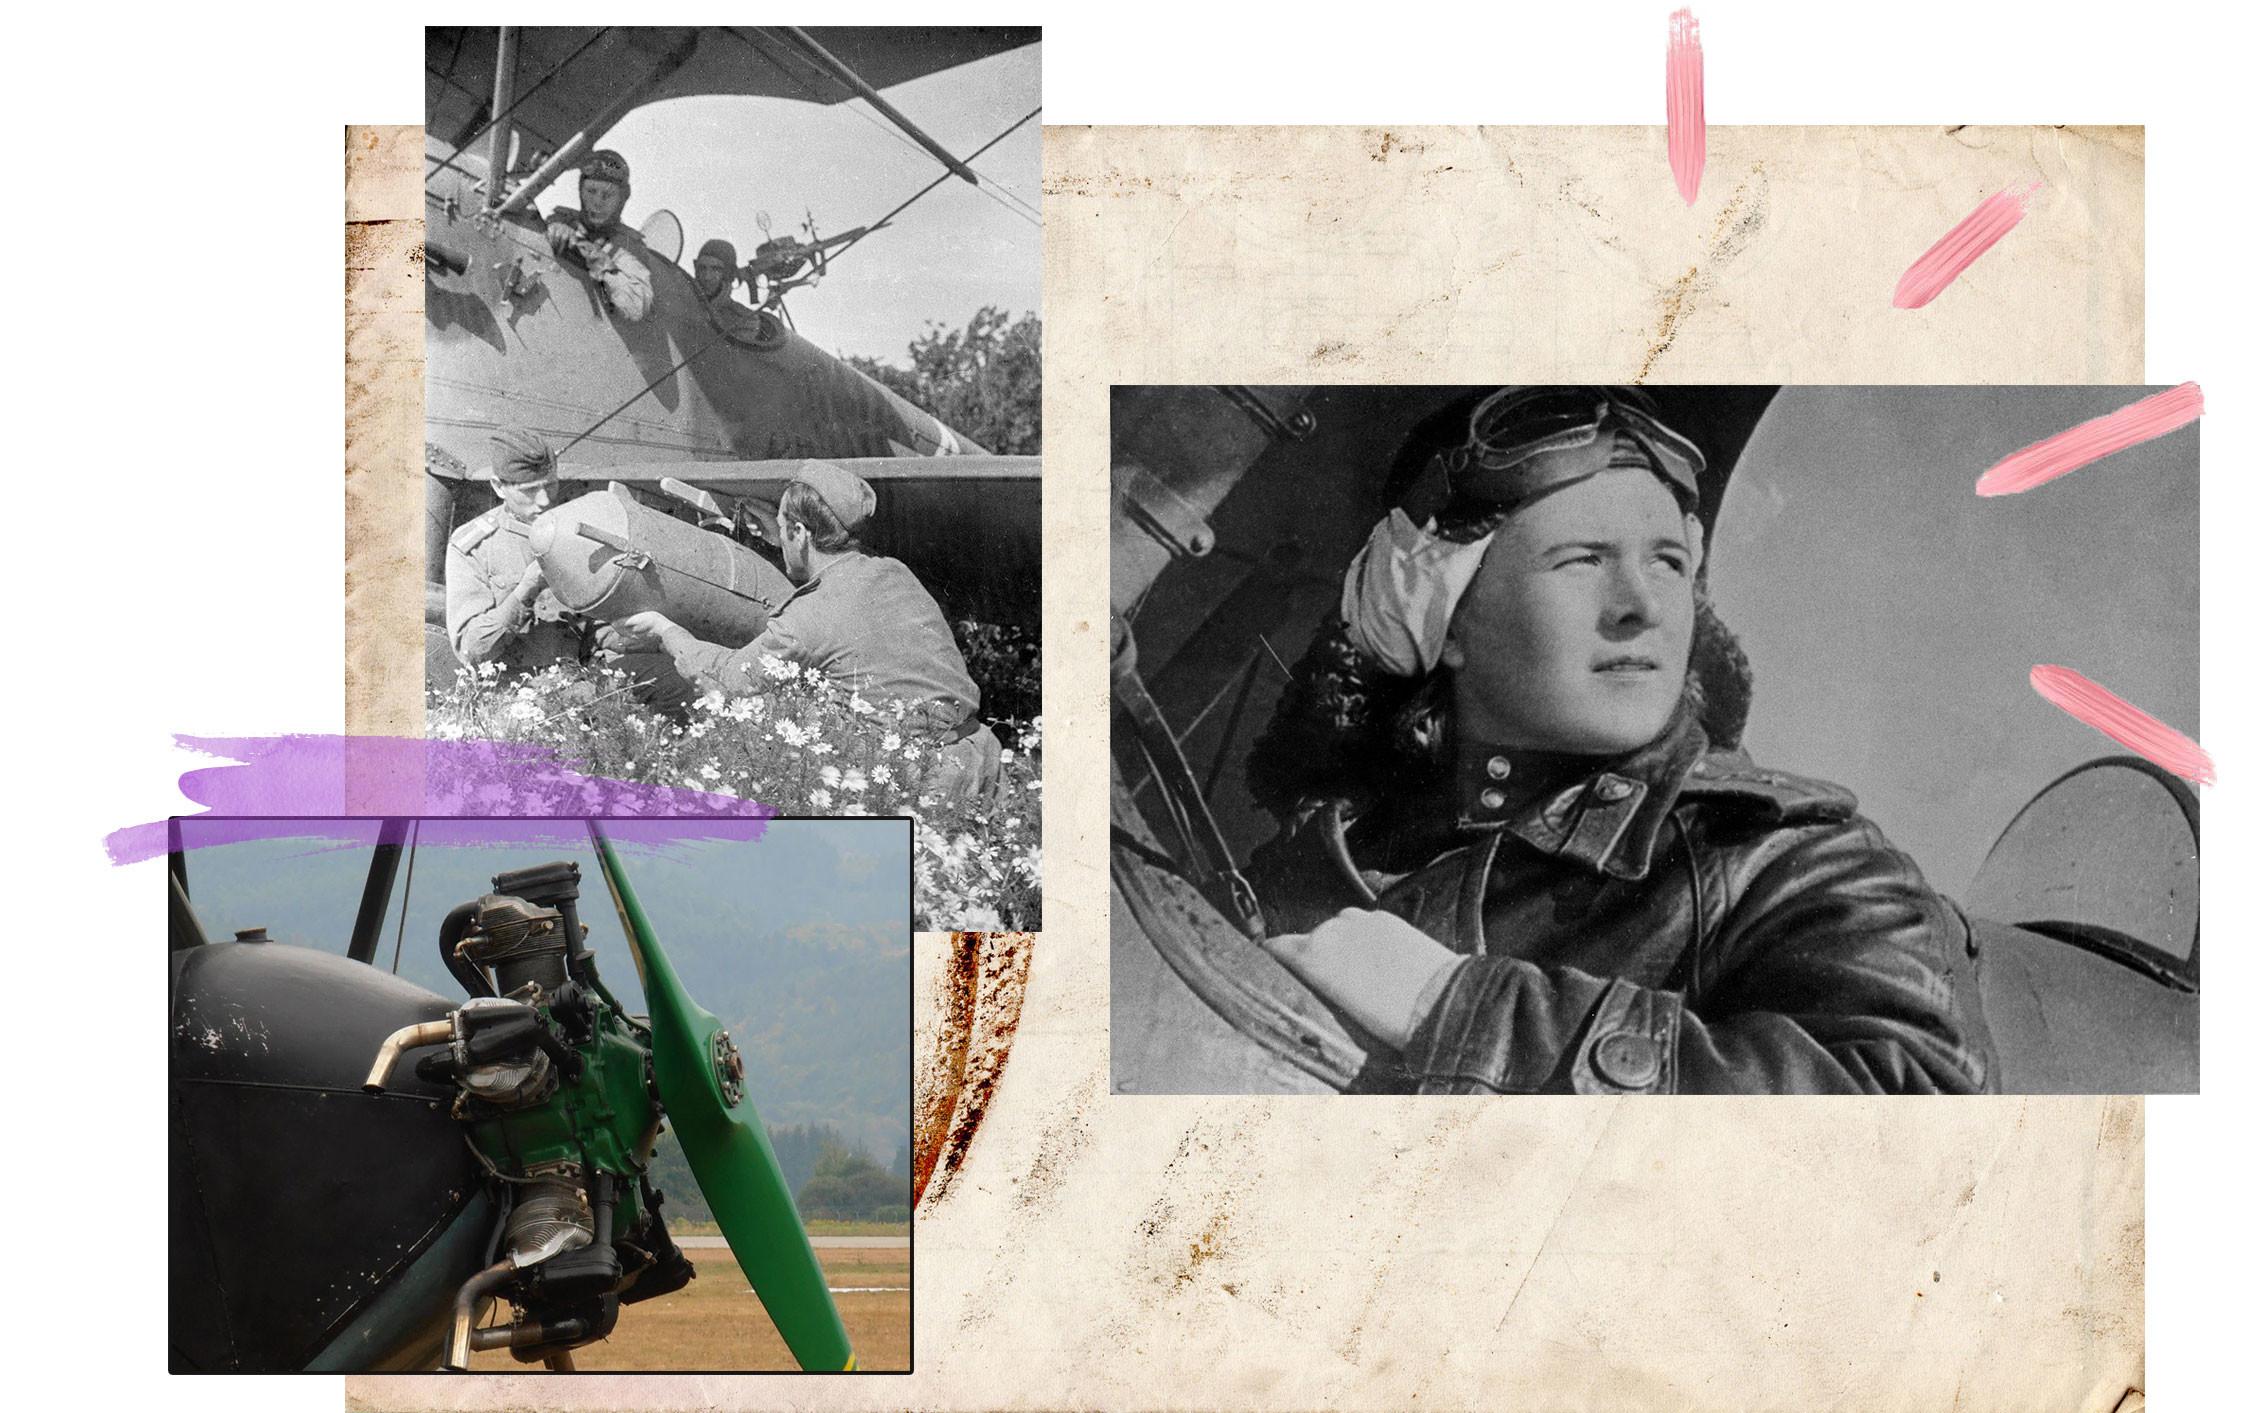 Слева направо: Шумопламегаситель мотора У-2. Вооруженцы готовят к вылету безотказный ночной бомбардировщик По-2. Командир 46-го гвардейского авиационного полка подполковник авиации Евдокия Давидовна Бершанская. Великая Отечественная война 1941–1945 г.г. Открытая кабина У-2 при поиске целей была преимуществом: летчику в ней было проще видеть и слышать чужую пехоту и технику. Коллаж © L!FE Фото: © РИА Новости /Георгий Липскеров / Аркадий Шайхет, Wikipedia.org Creative Commons